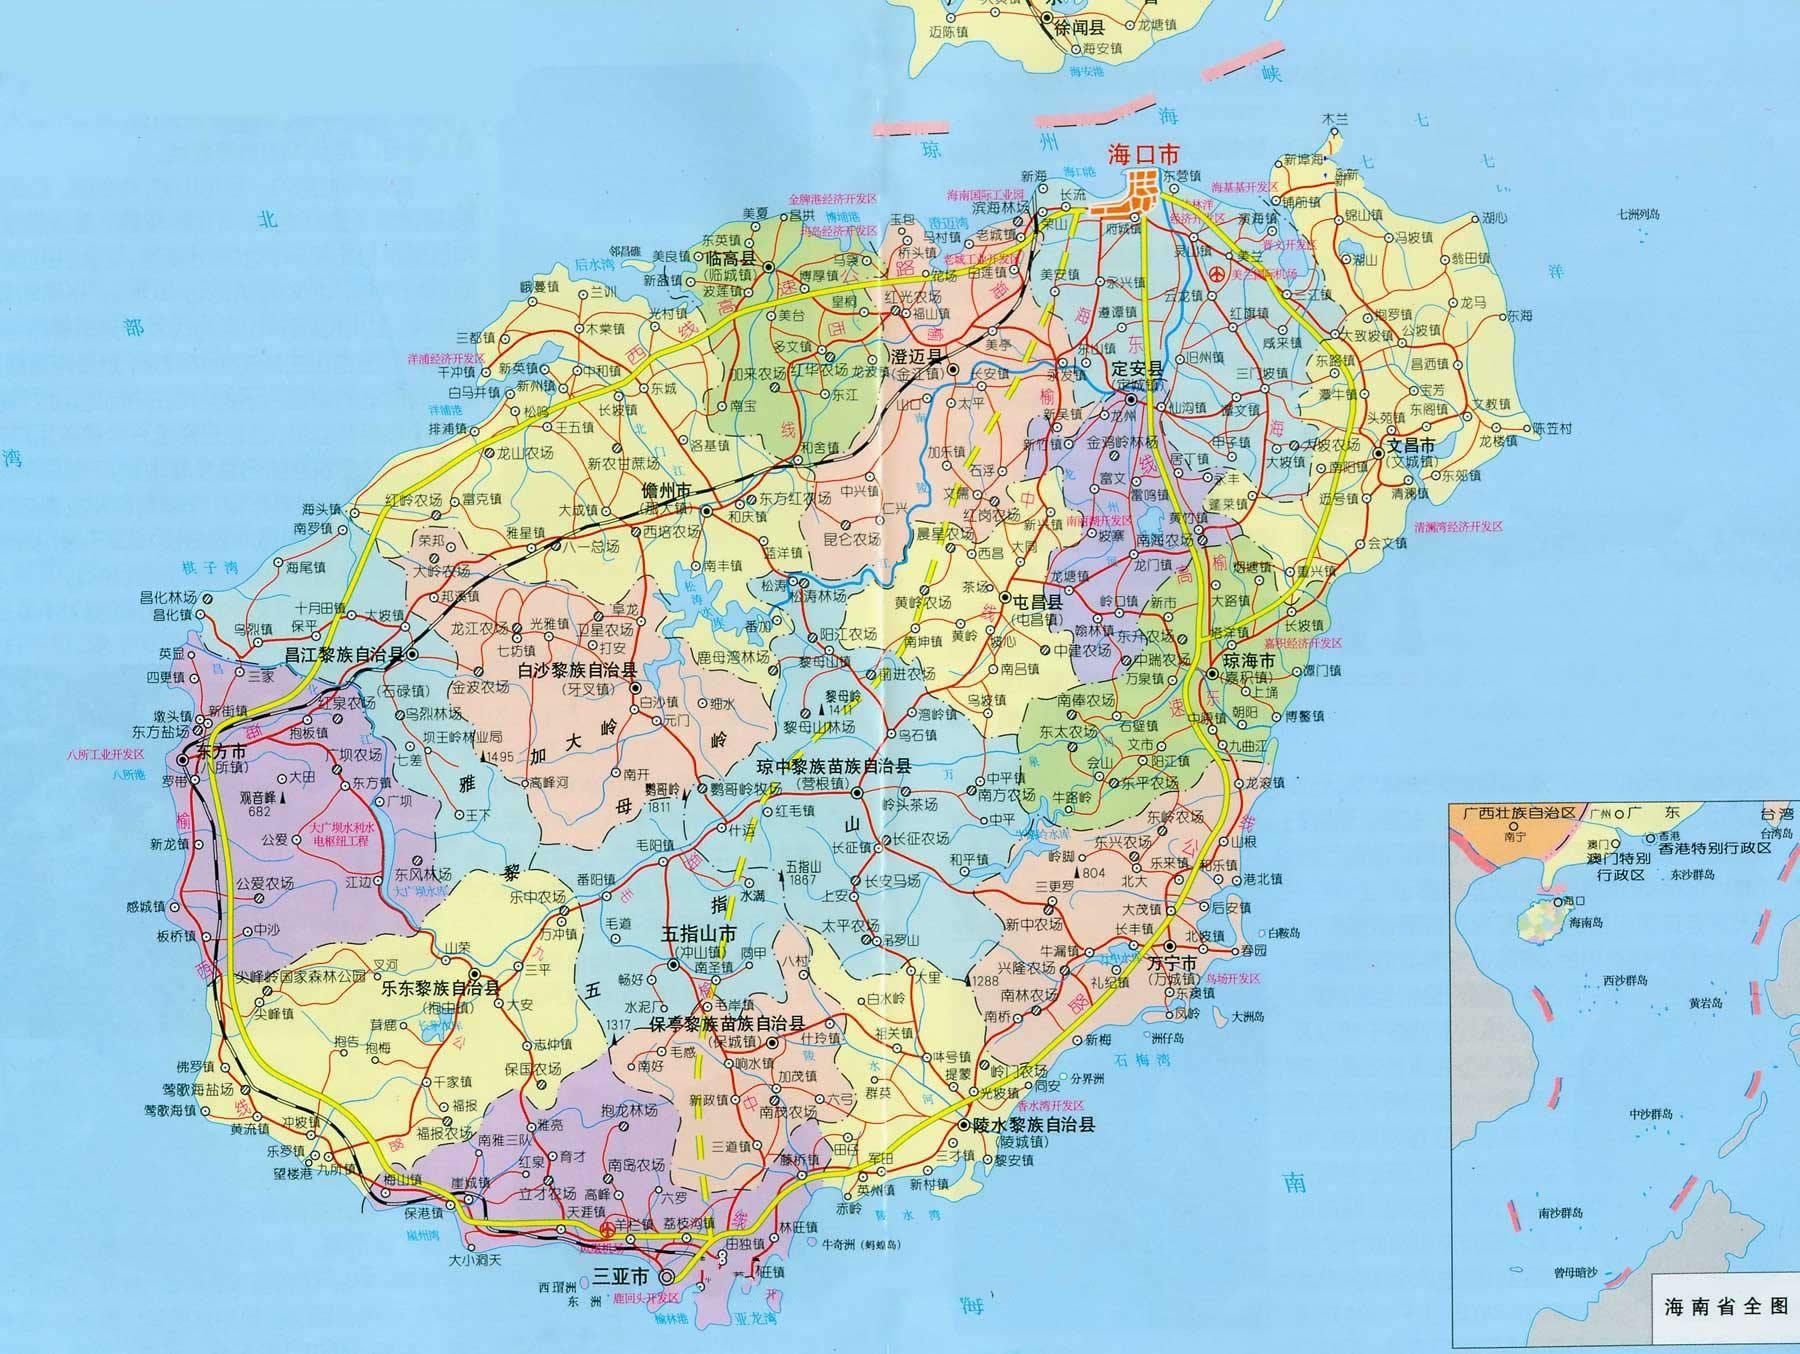 海南地图 海南的热门景区景点